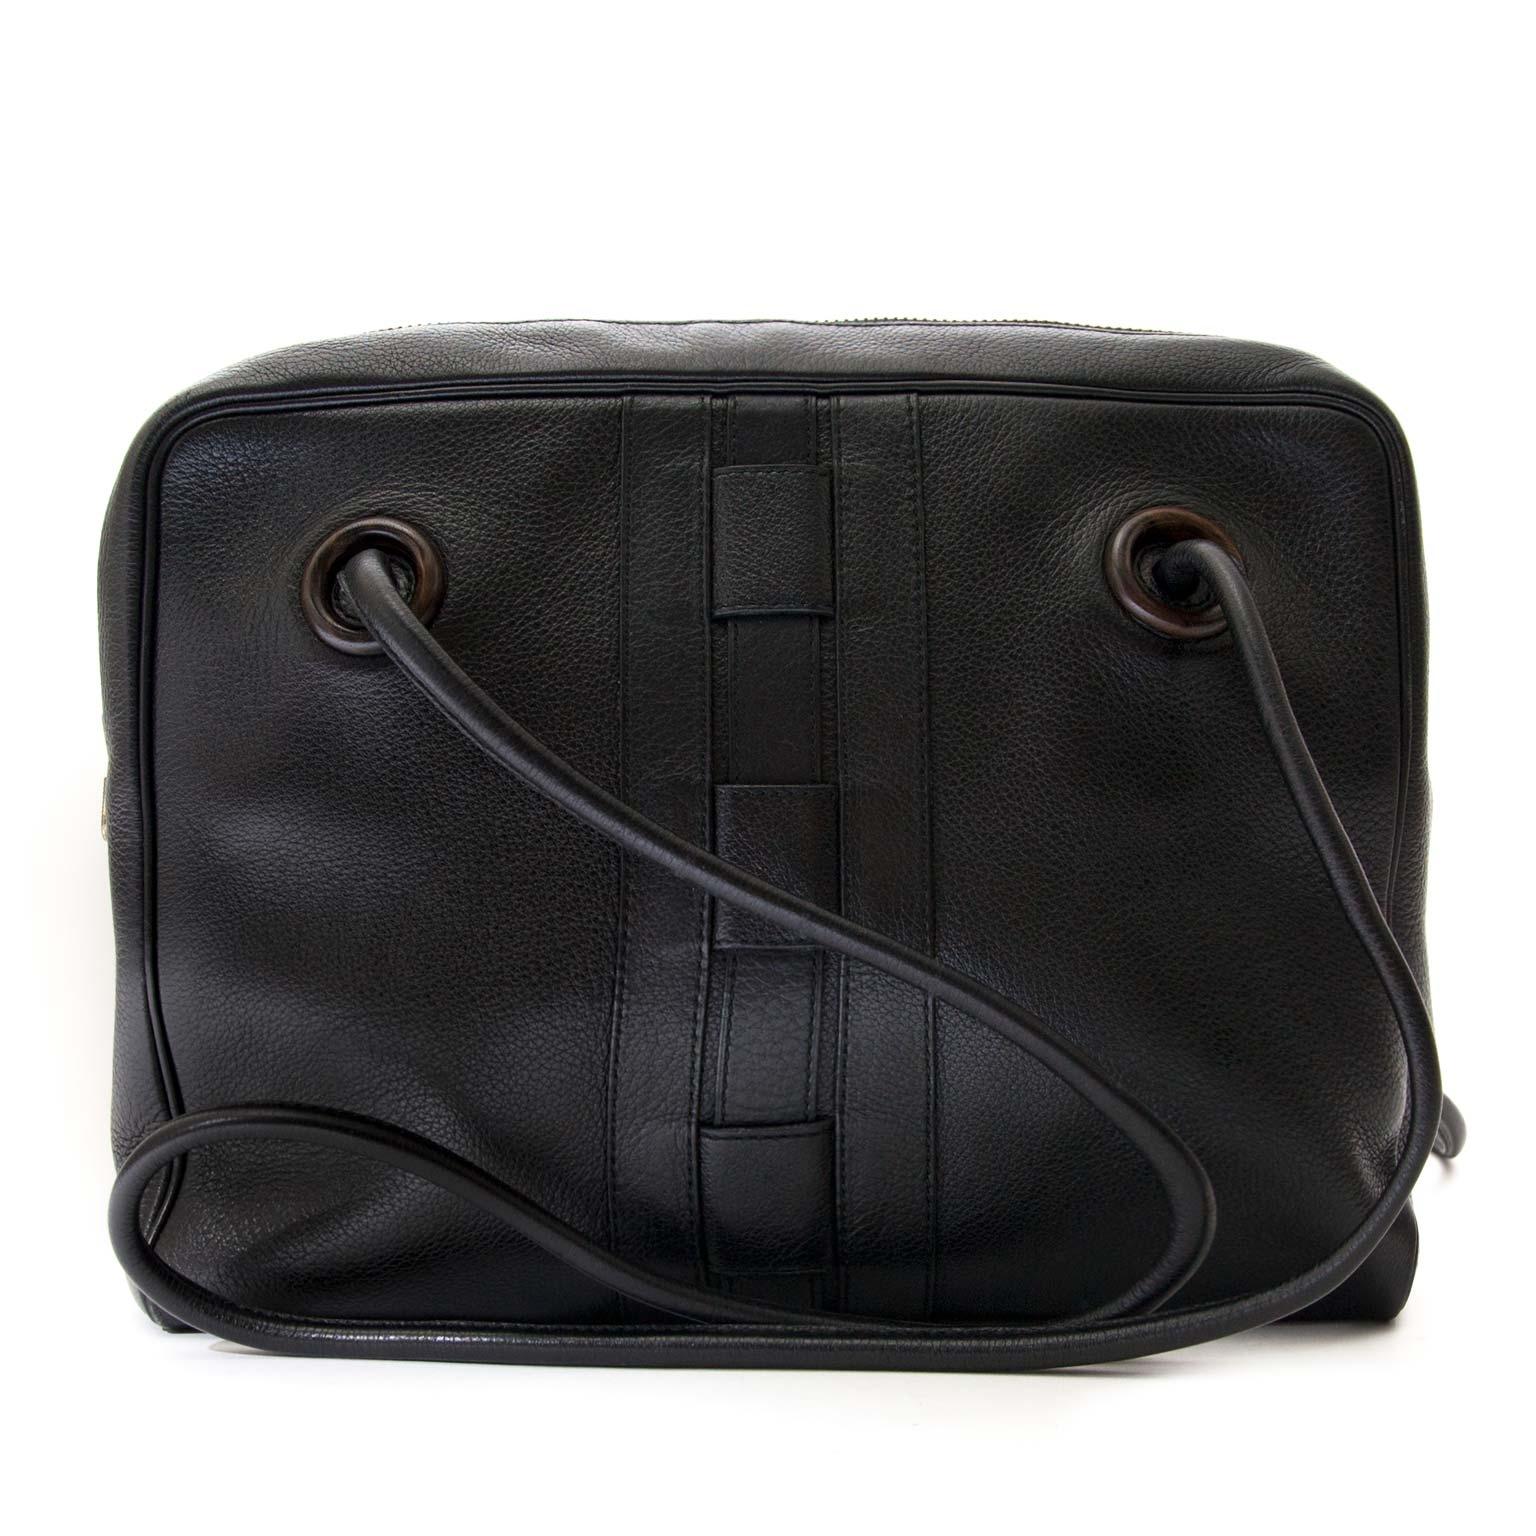 achetez Delvaux Black Leather Sisal GM chez labellov pour le meilleur prix